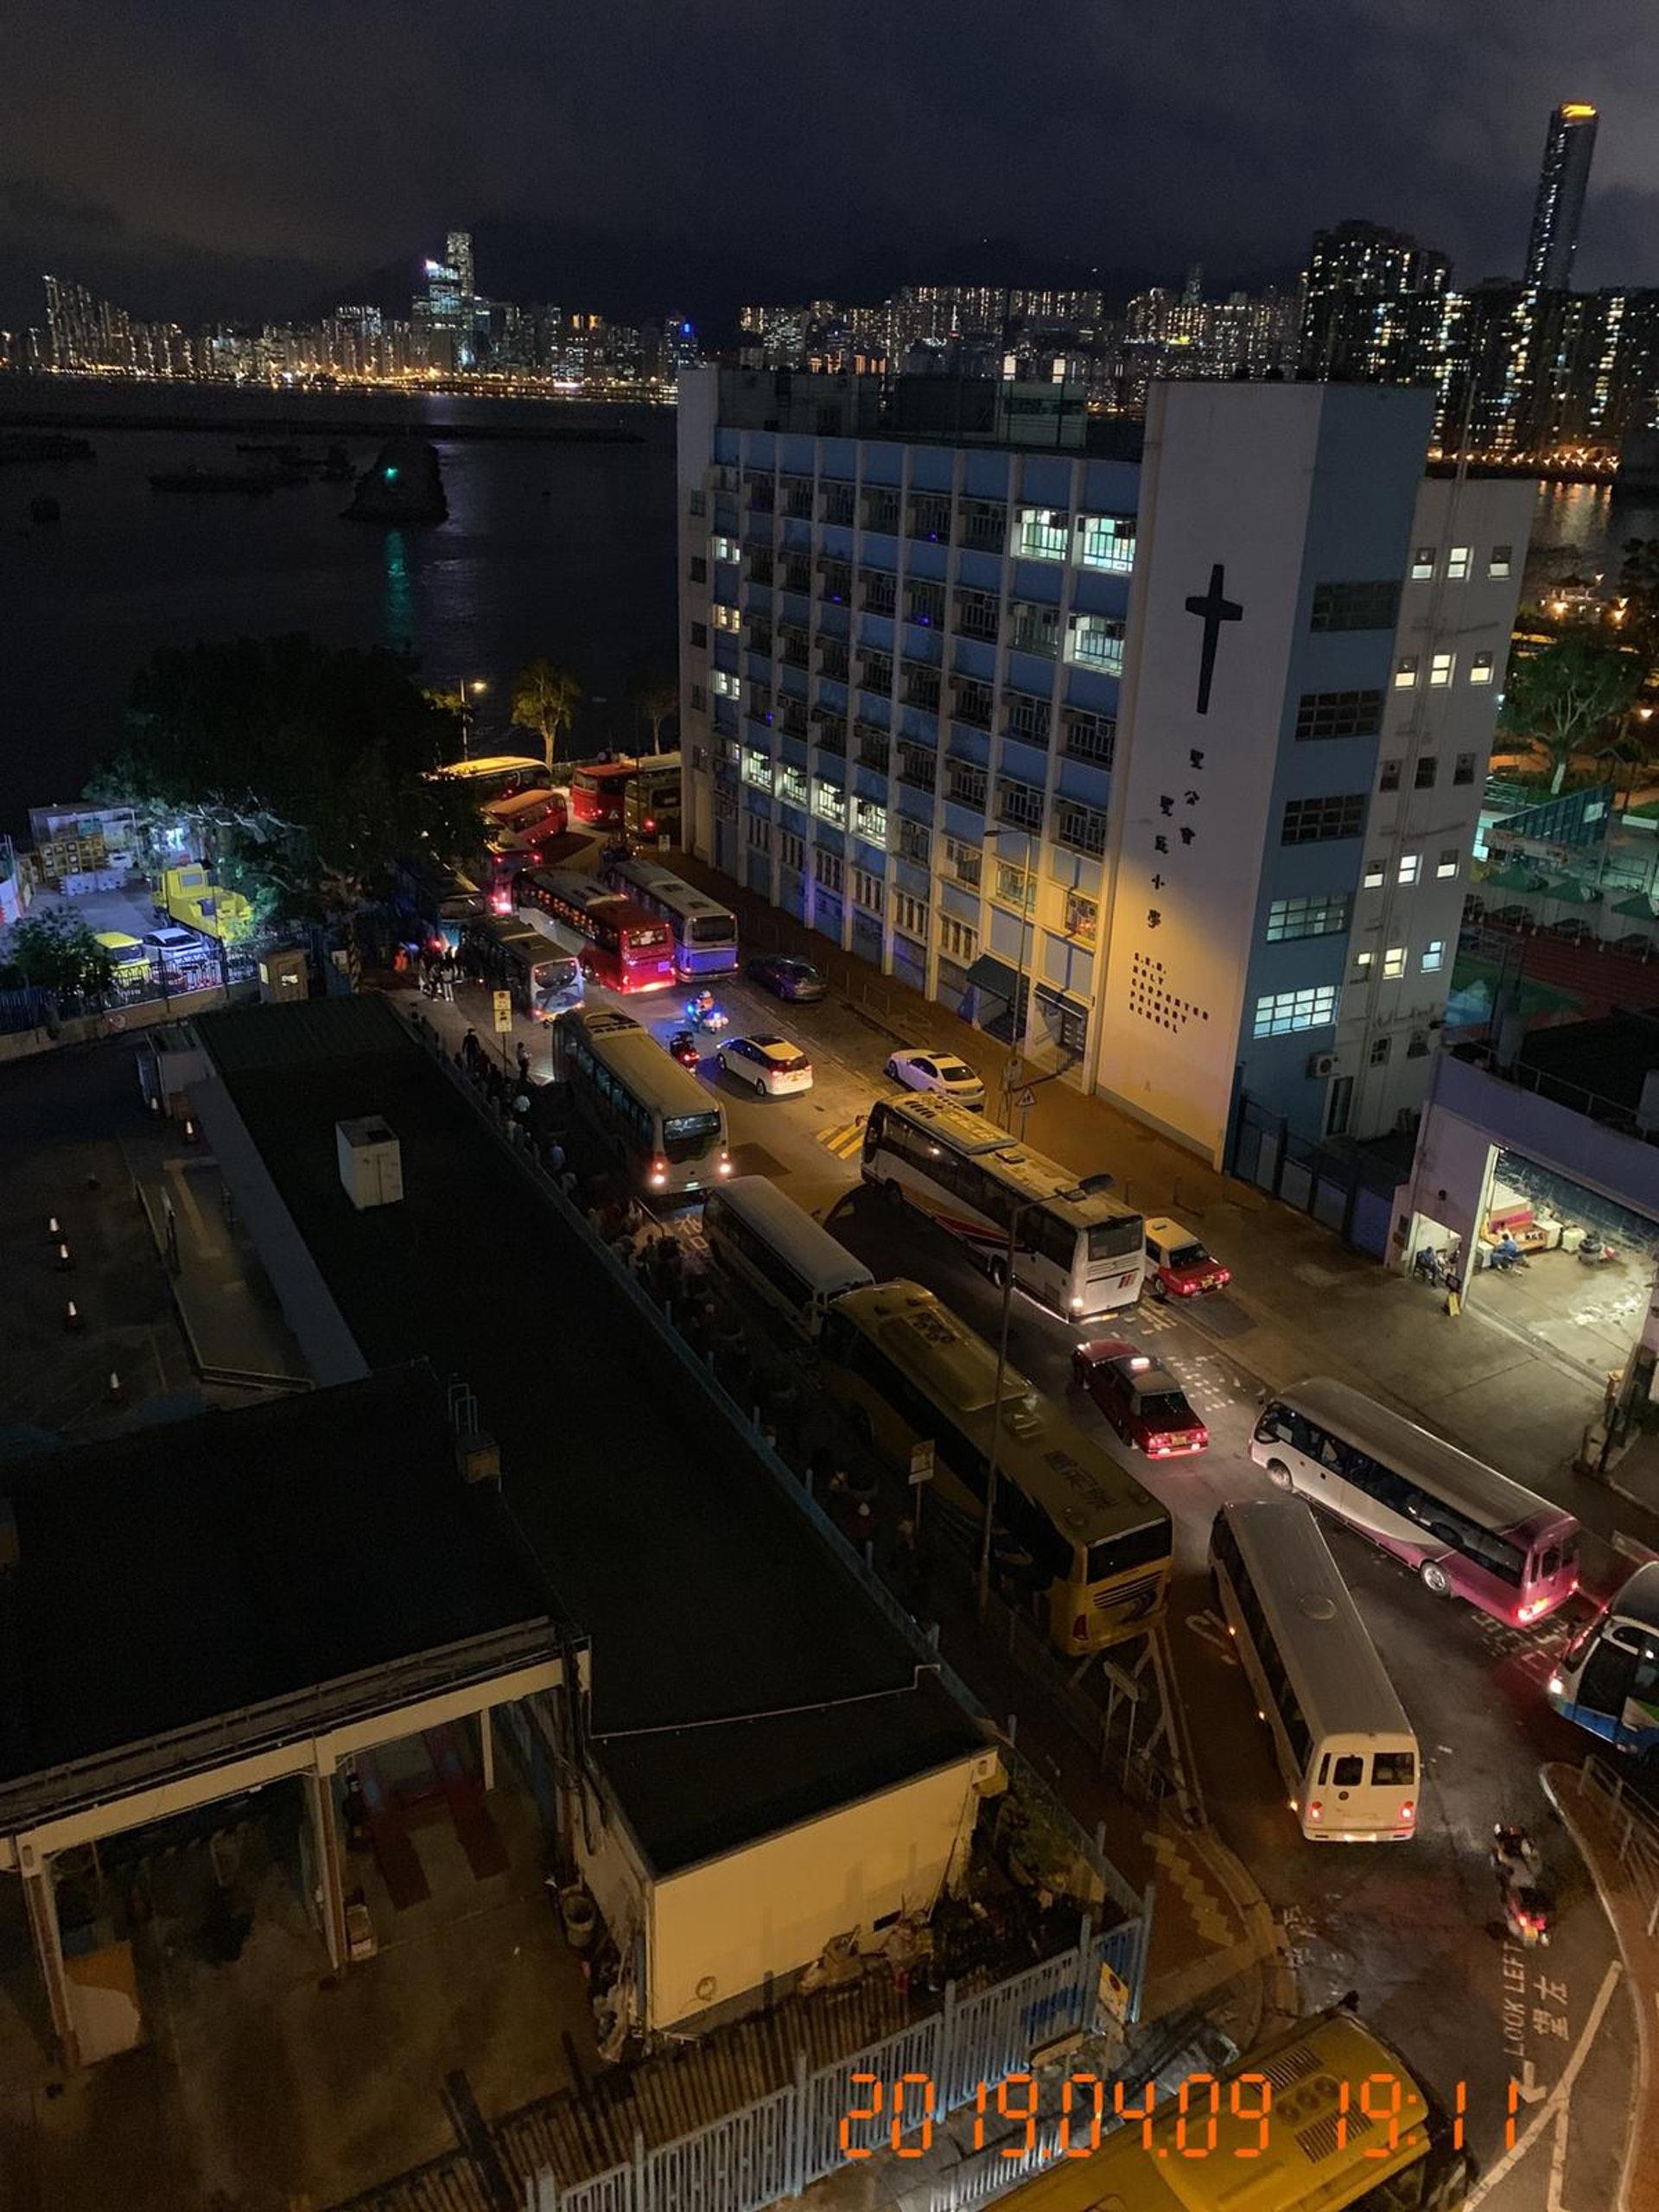 景雲街登岸區附近有多架旅巴停泊,造成交通阻塞。(九龍城區區議員潘國華提供)